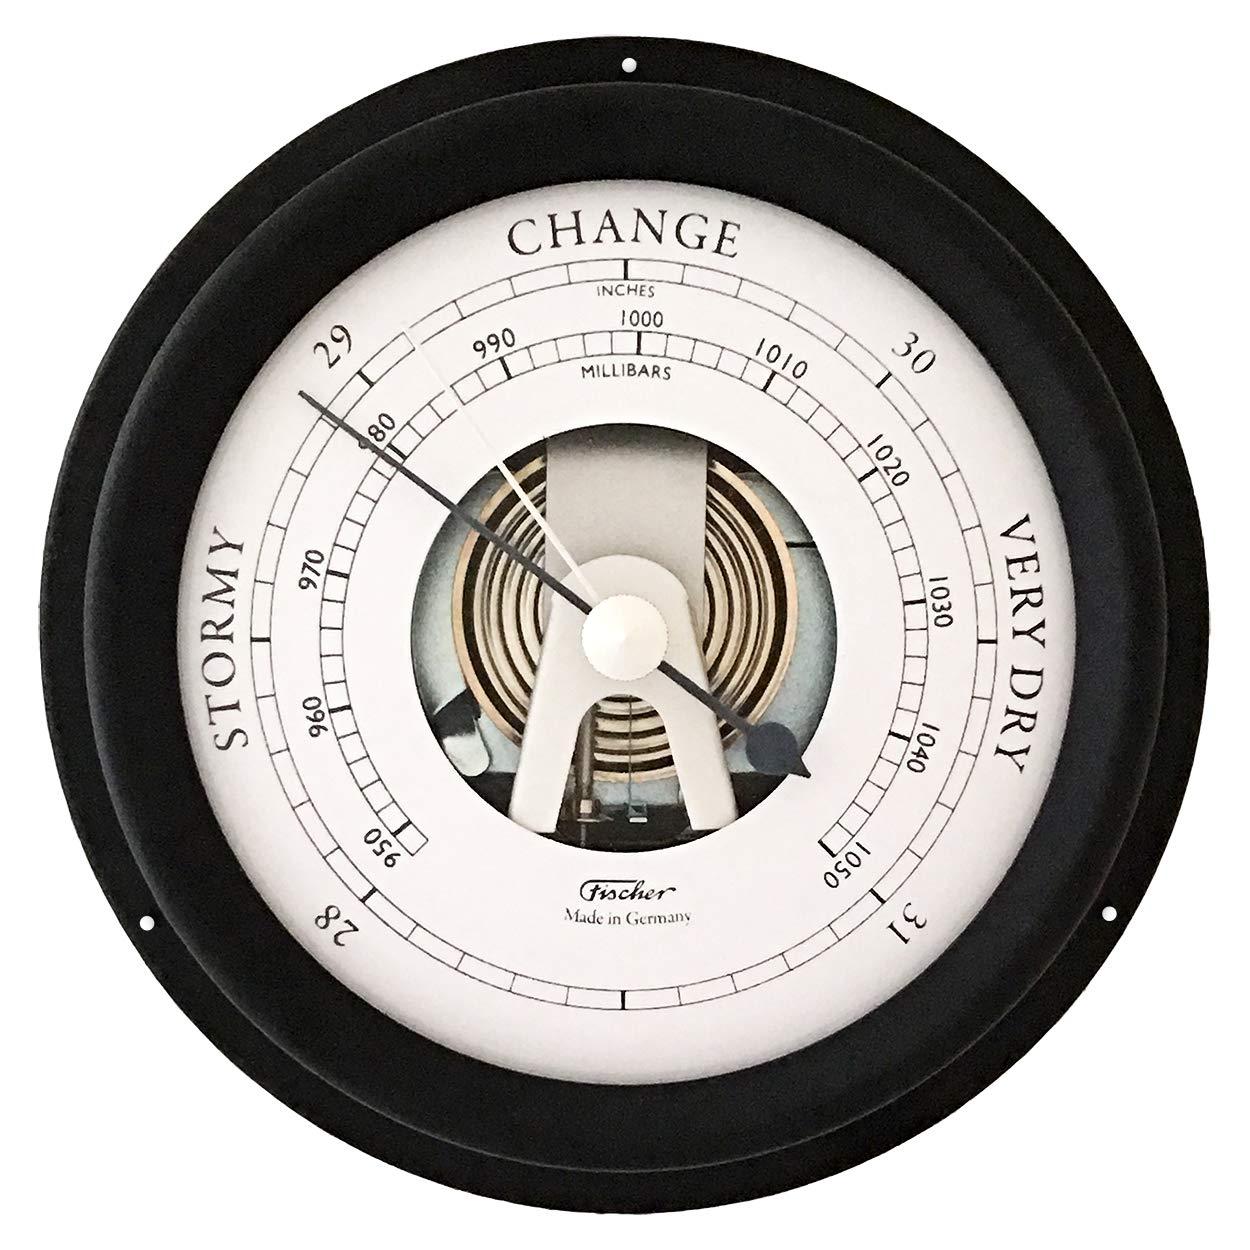 Fischer Maritime Barometer Black, Diameter 125 mm (Face 85 mm) - 1508B-06